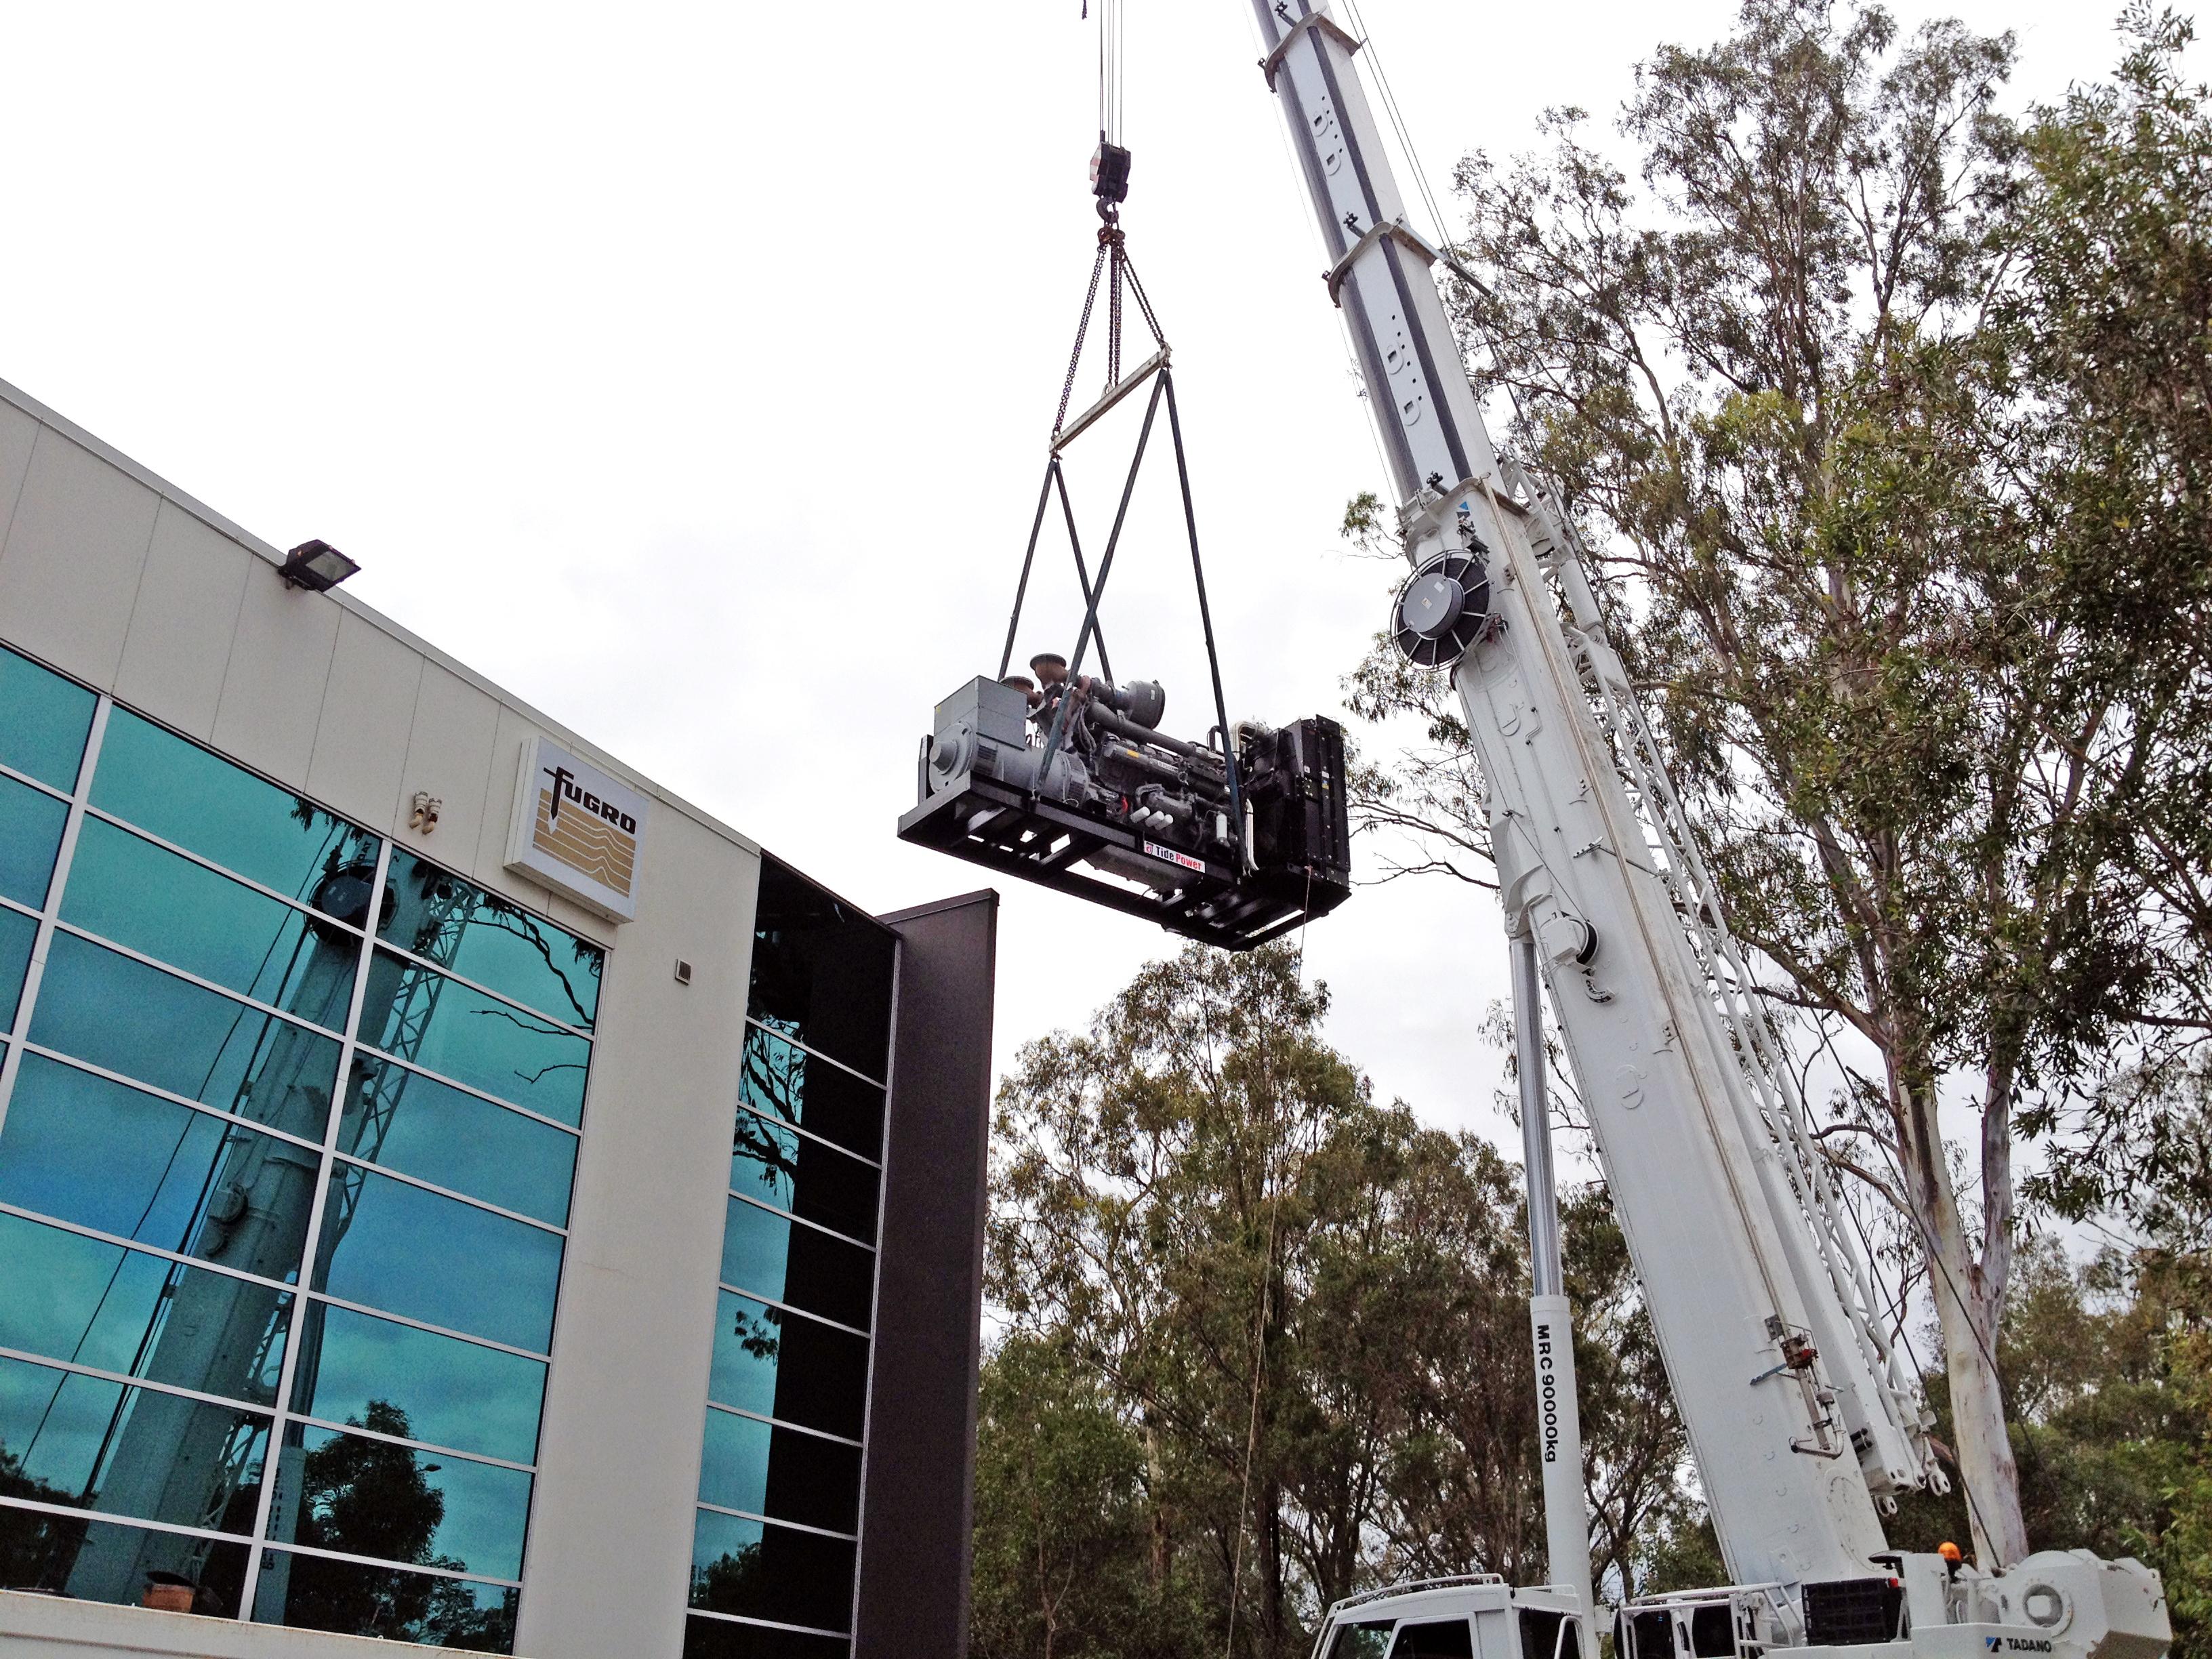 澳大利亚 数据 中心 TPE1500 instalar fotos 027